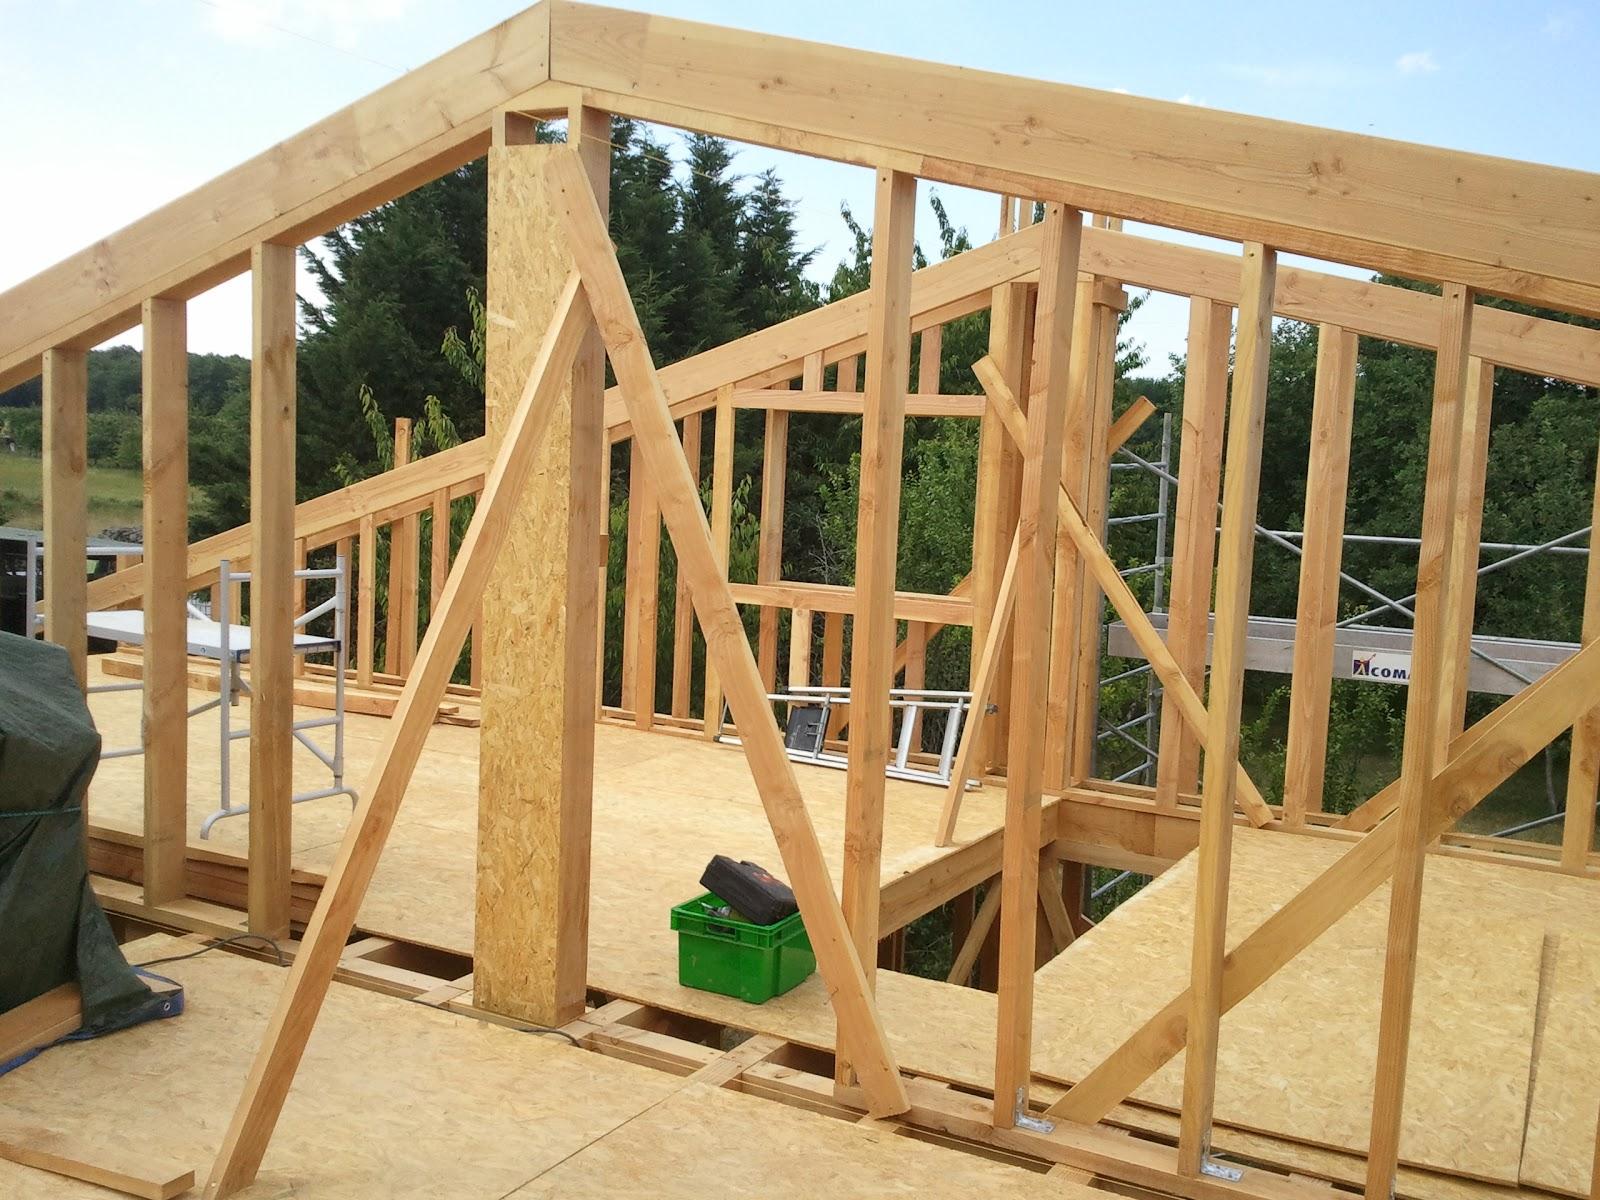 Maison Paille Ossature Bois - Notre maison ossature bois isolation paille  On avance l'ossature de l'étage